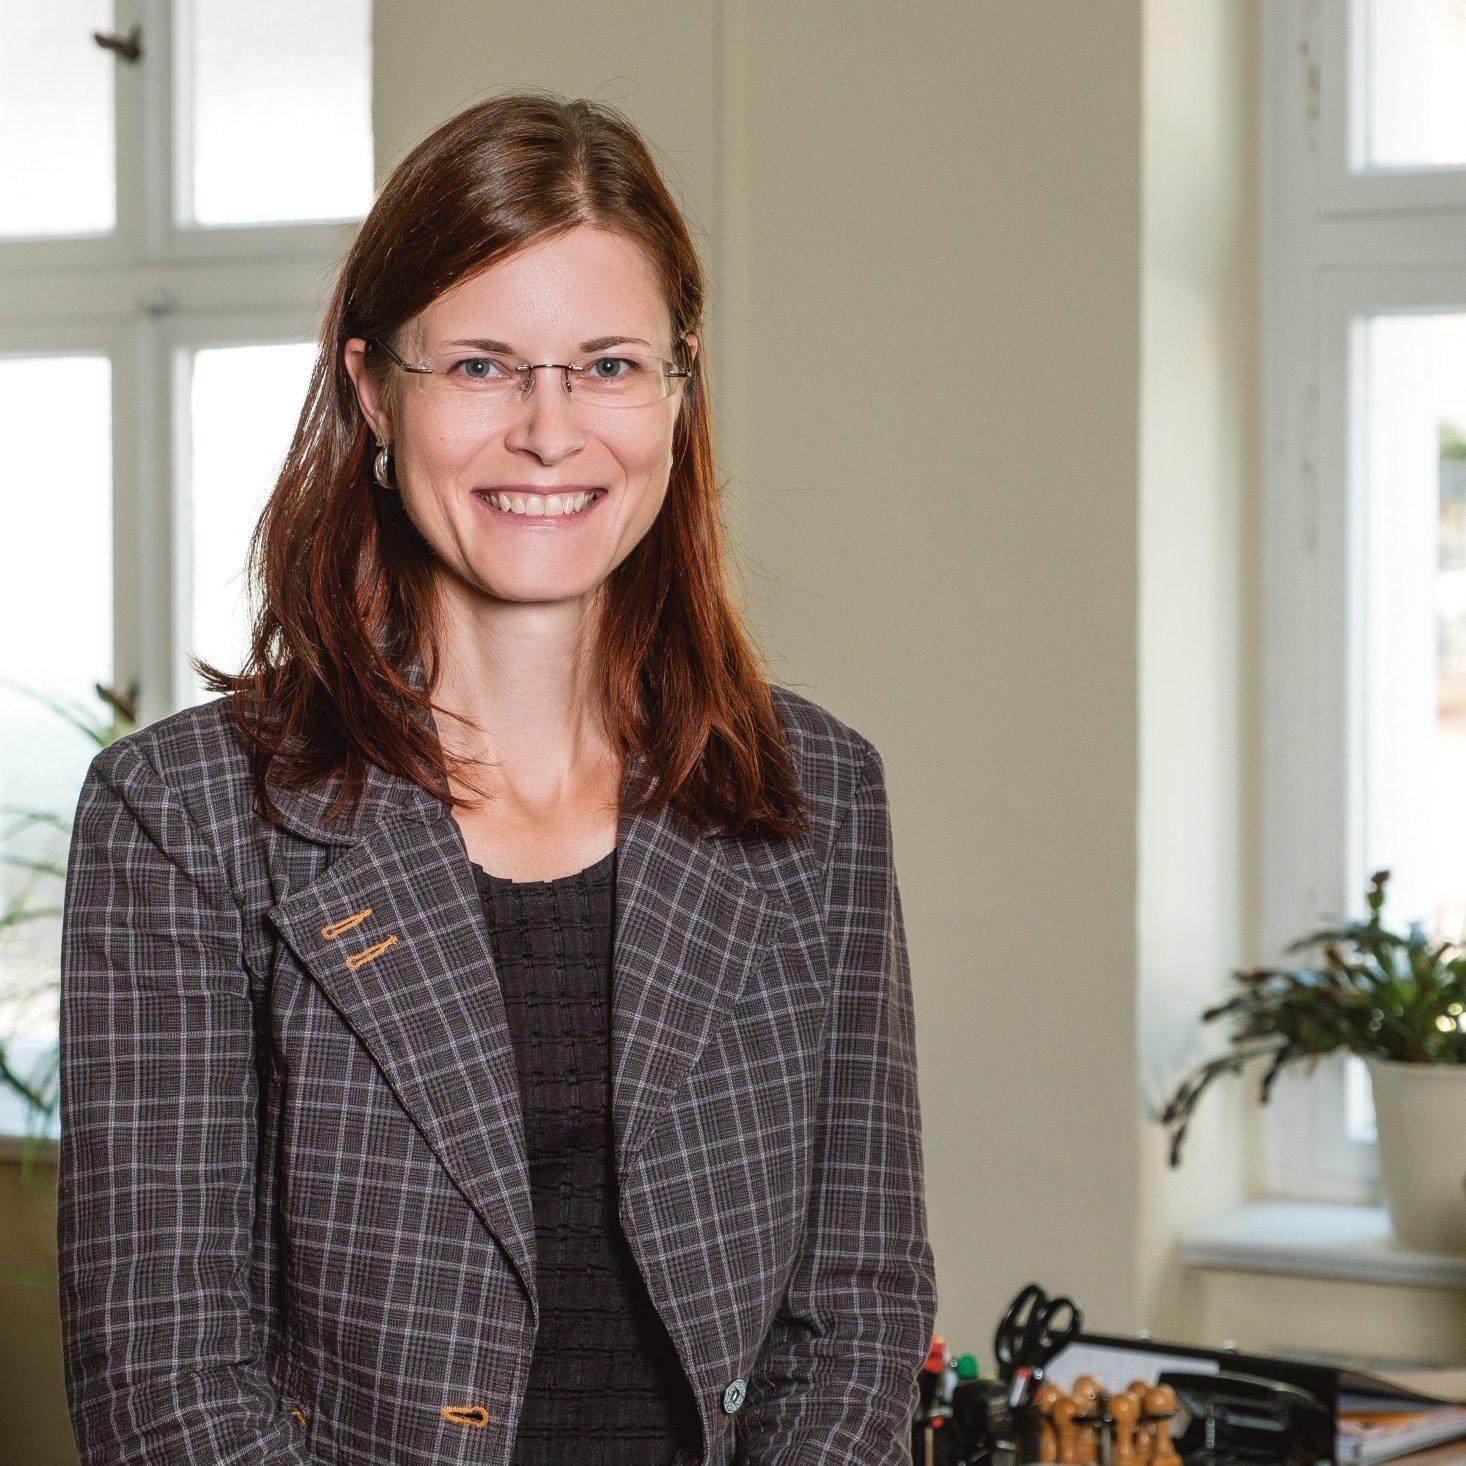 Katharina Heyn